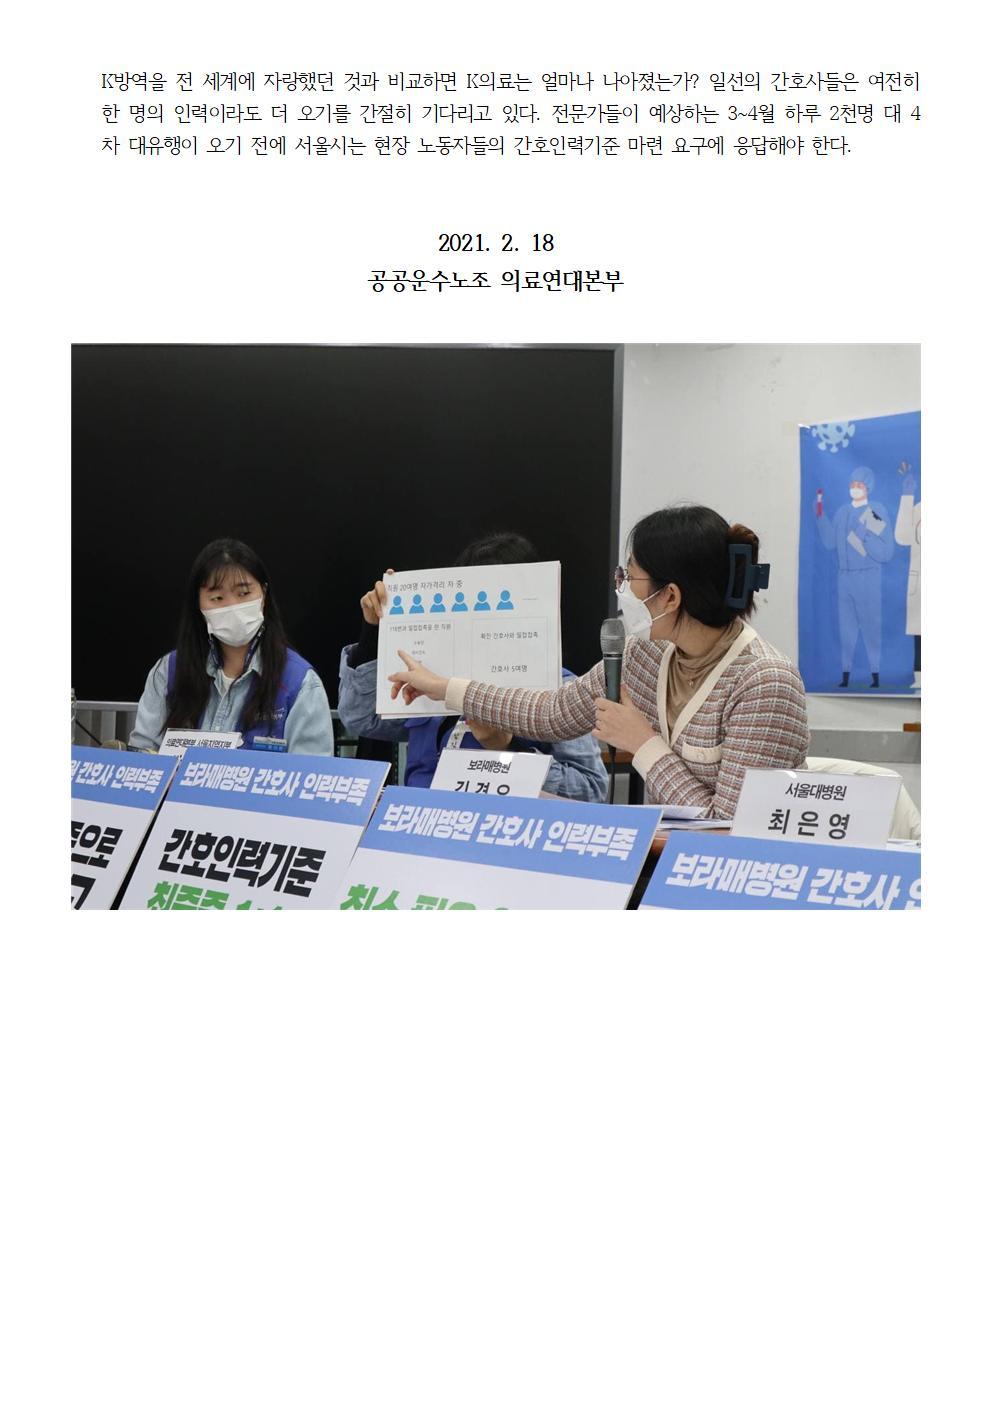 210218_보도자료_코로나19발생_1년_서울시보라매병원_규탄004.jpg